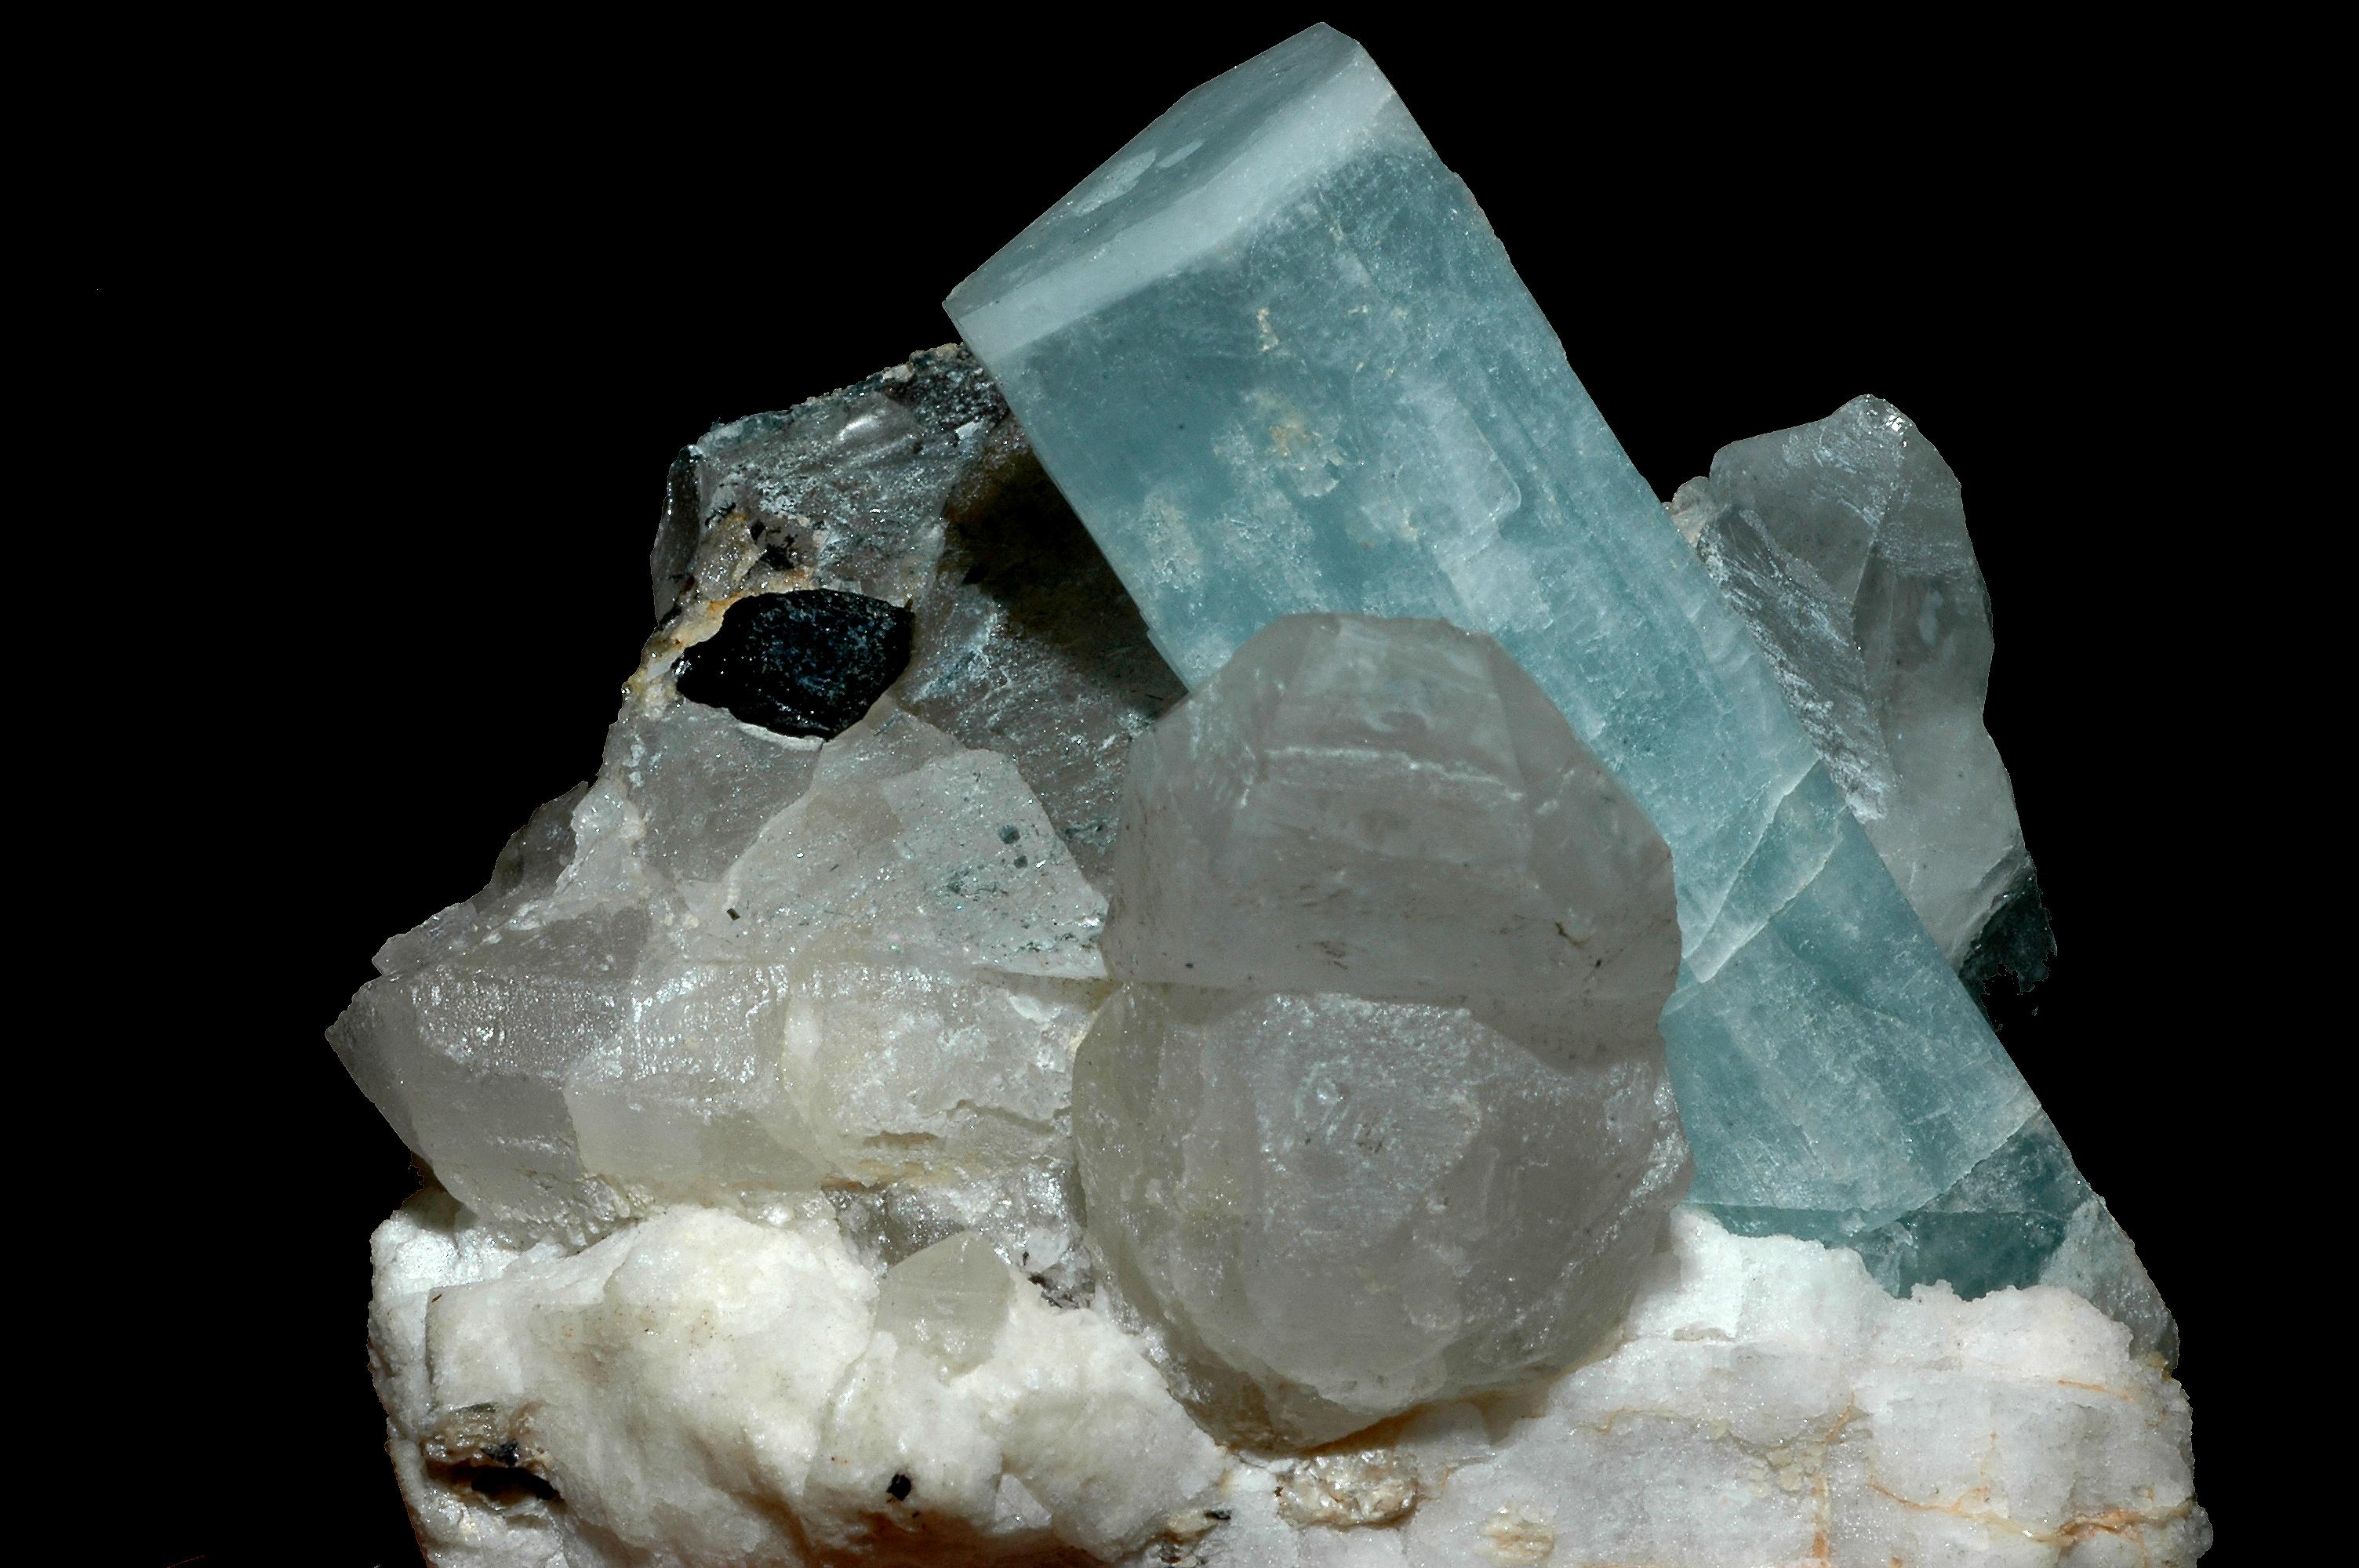 File Aigue-marine sur quartz et tourmaline noire.jpg - Wikimedia Commons 783675c9e1